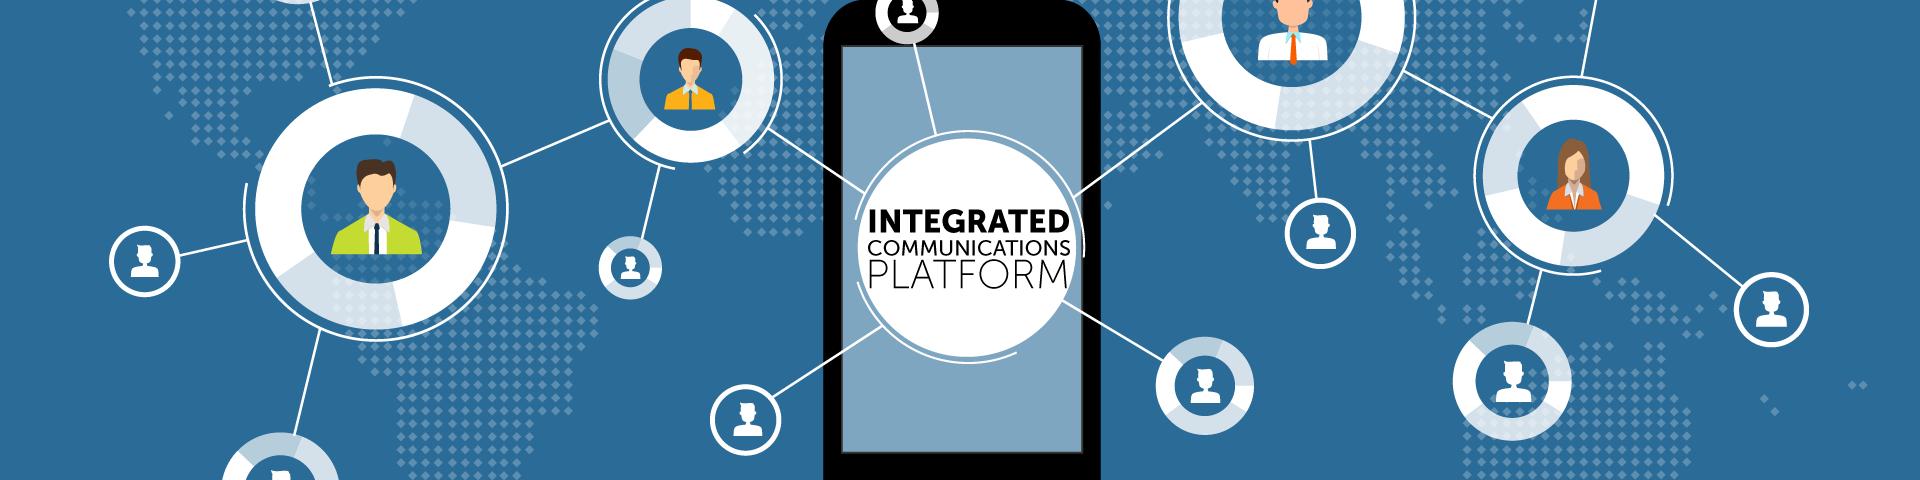 integrated-communications-platform-blog.png